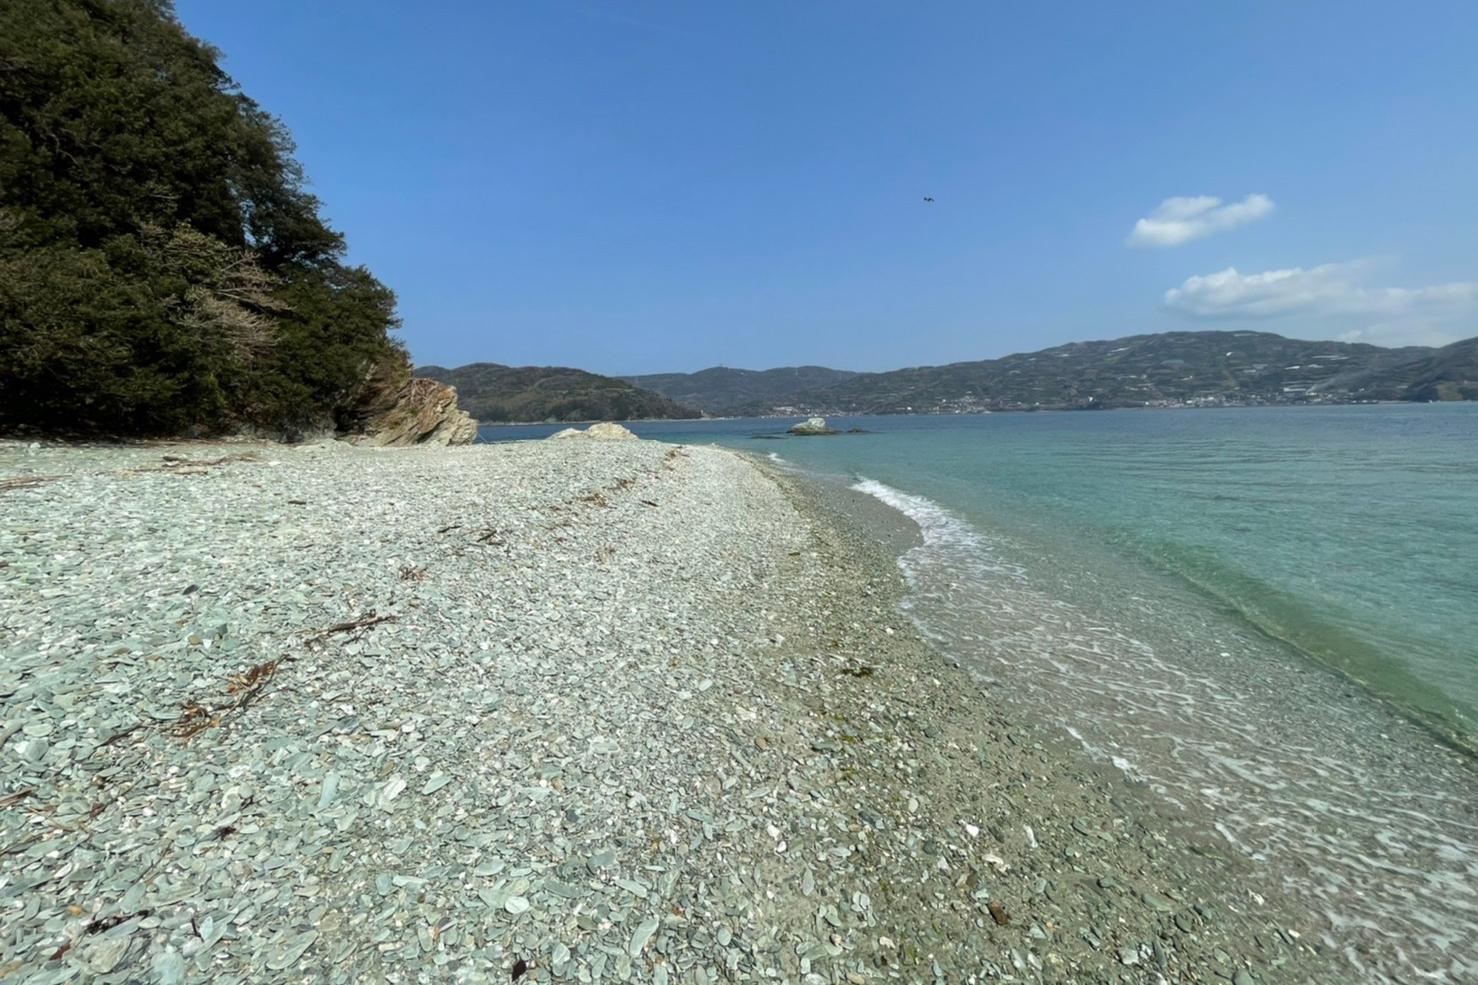 砂利浜のビーチに滞在していただきます。